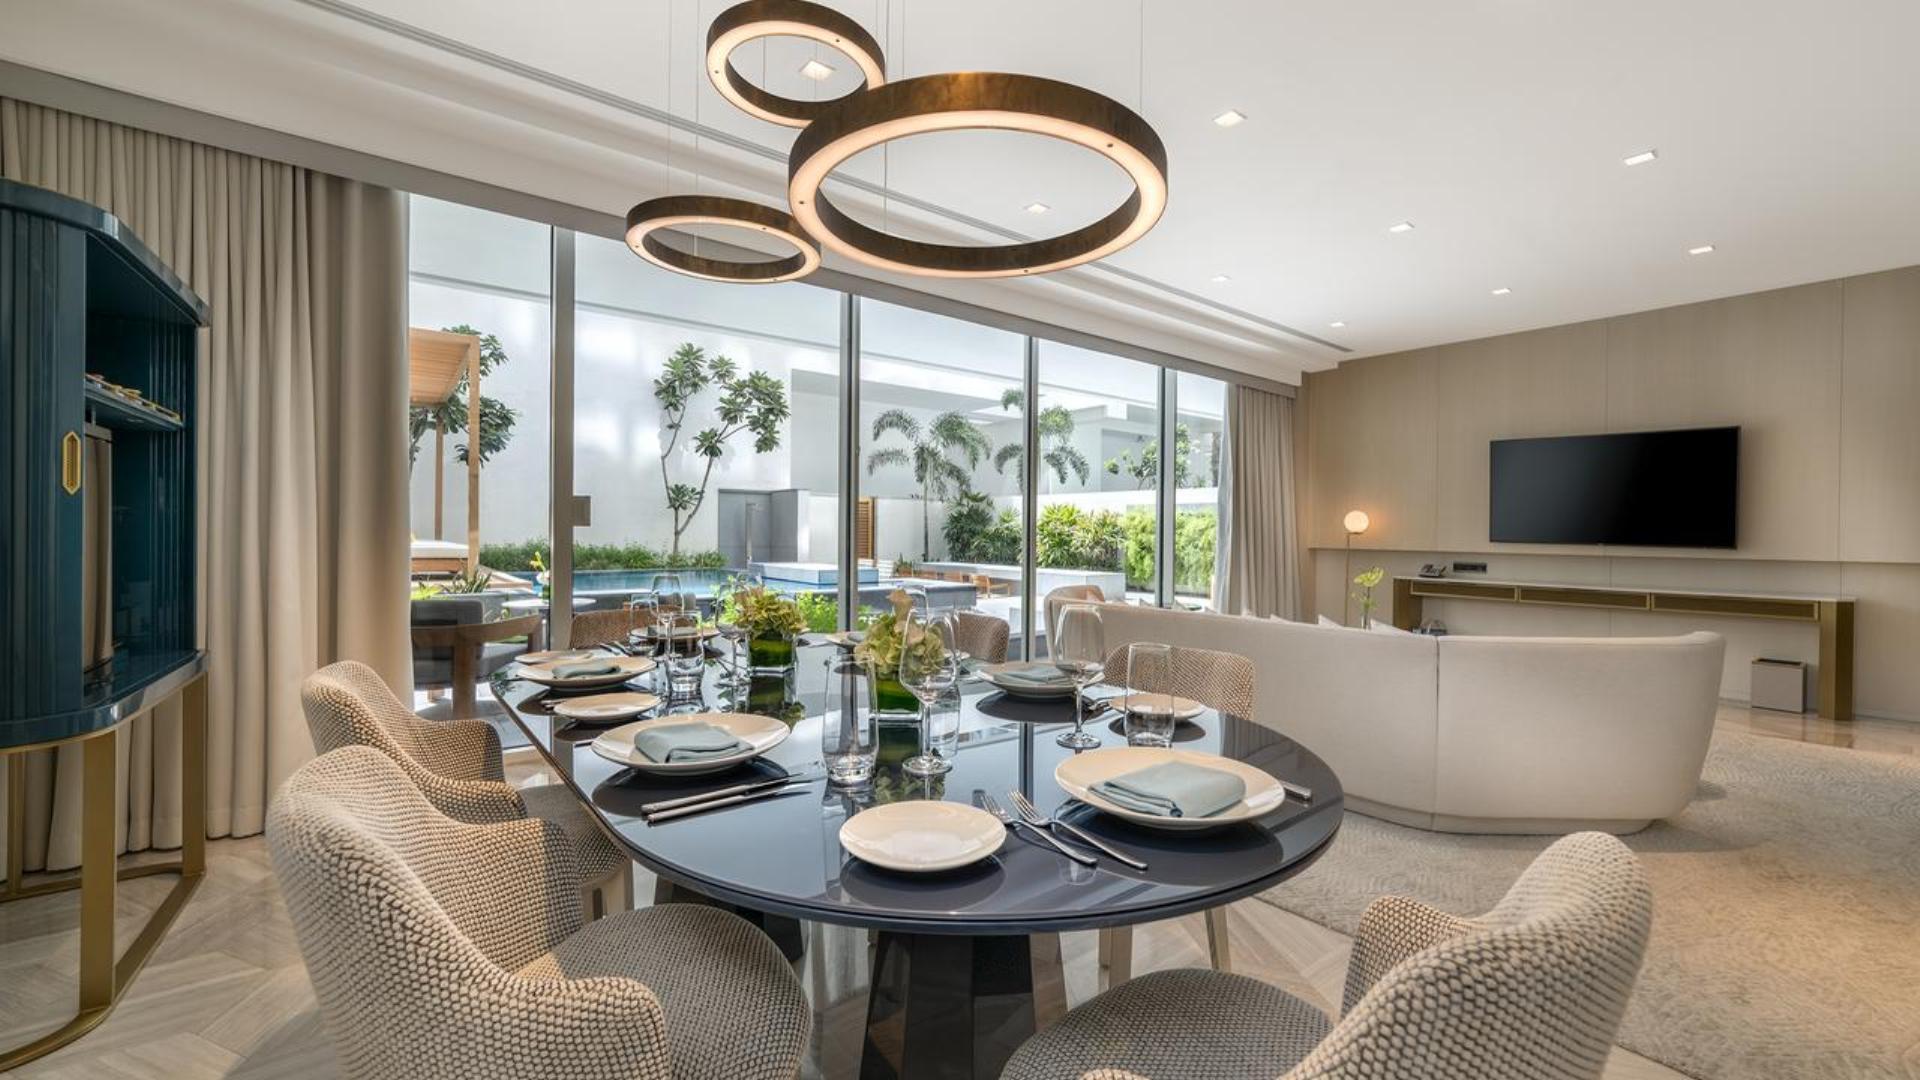 Ático en venta en Dubai, EAU, 4 dormitorios, 528 m2, № 24494 – foto 2